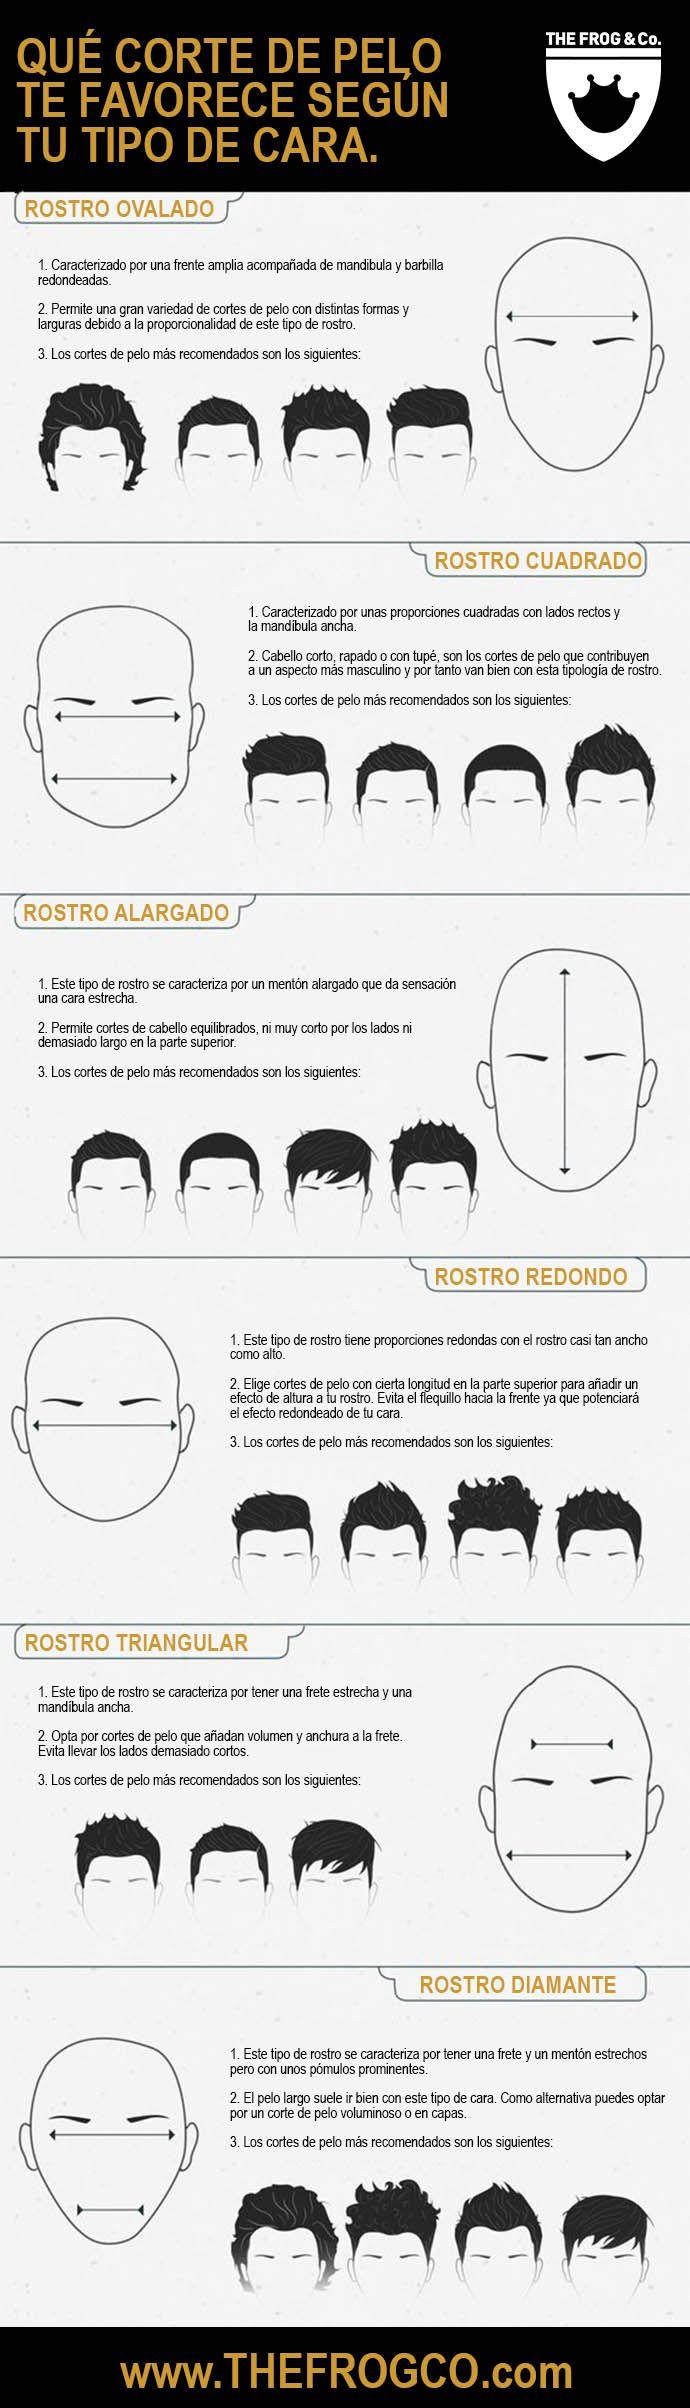 Corte de pelo hombre según forma de la cara o tipología de rostros masculinos.